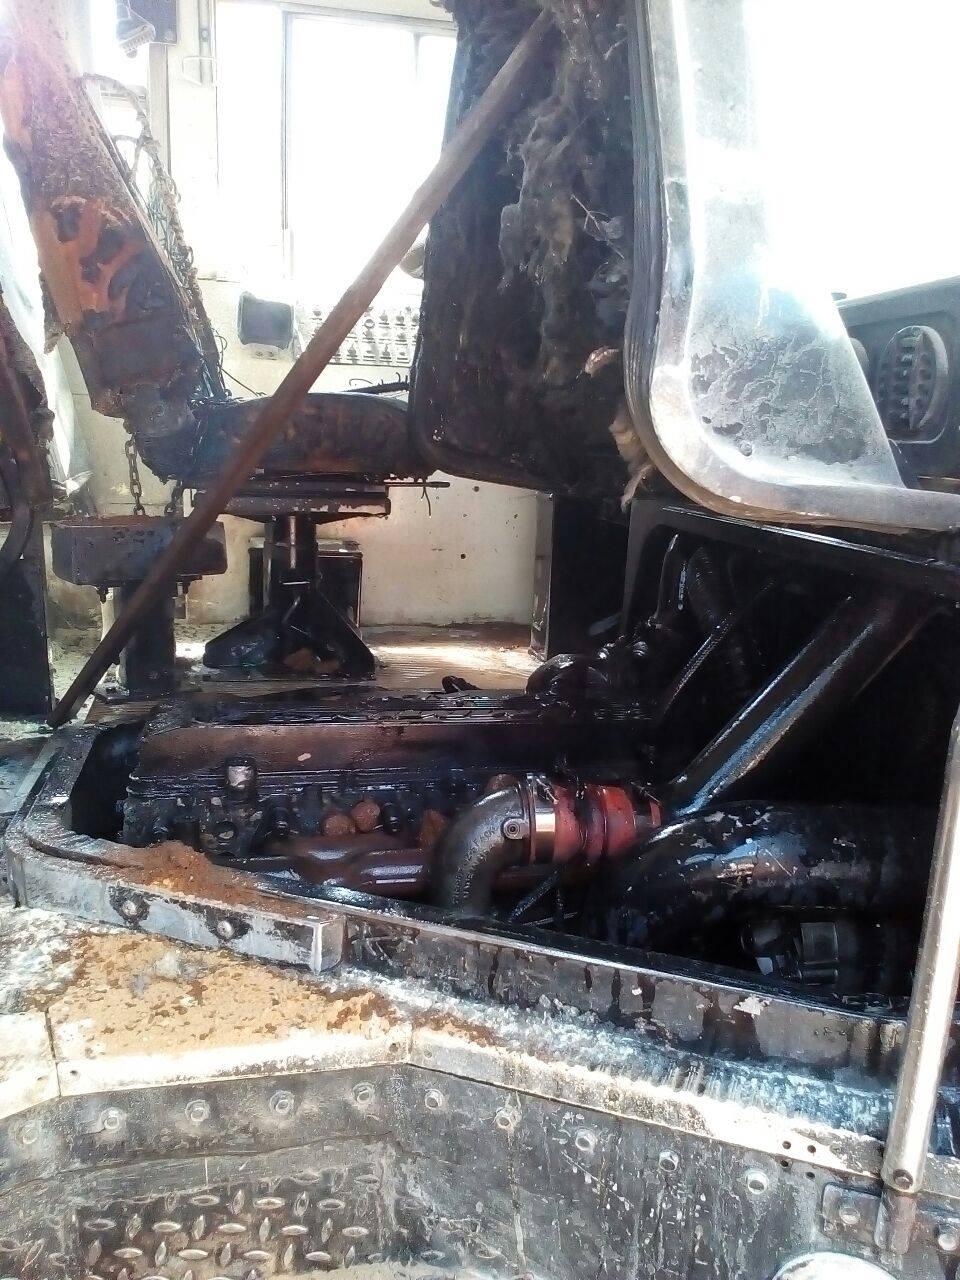 Autobús de la ruta 55, sufrió desperfectos mecánicos que provocaron incendio en el motor